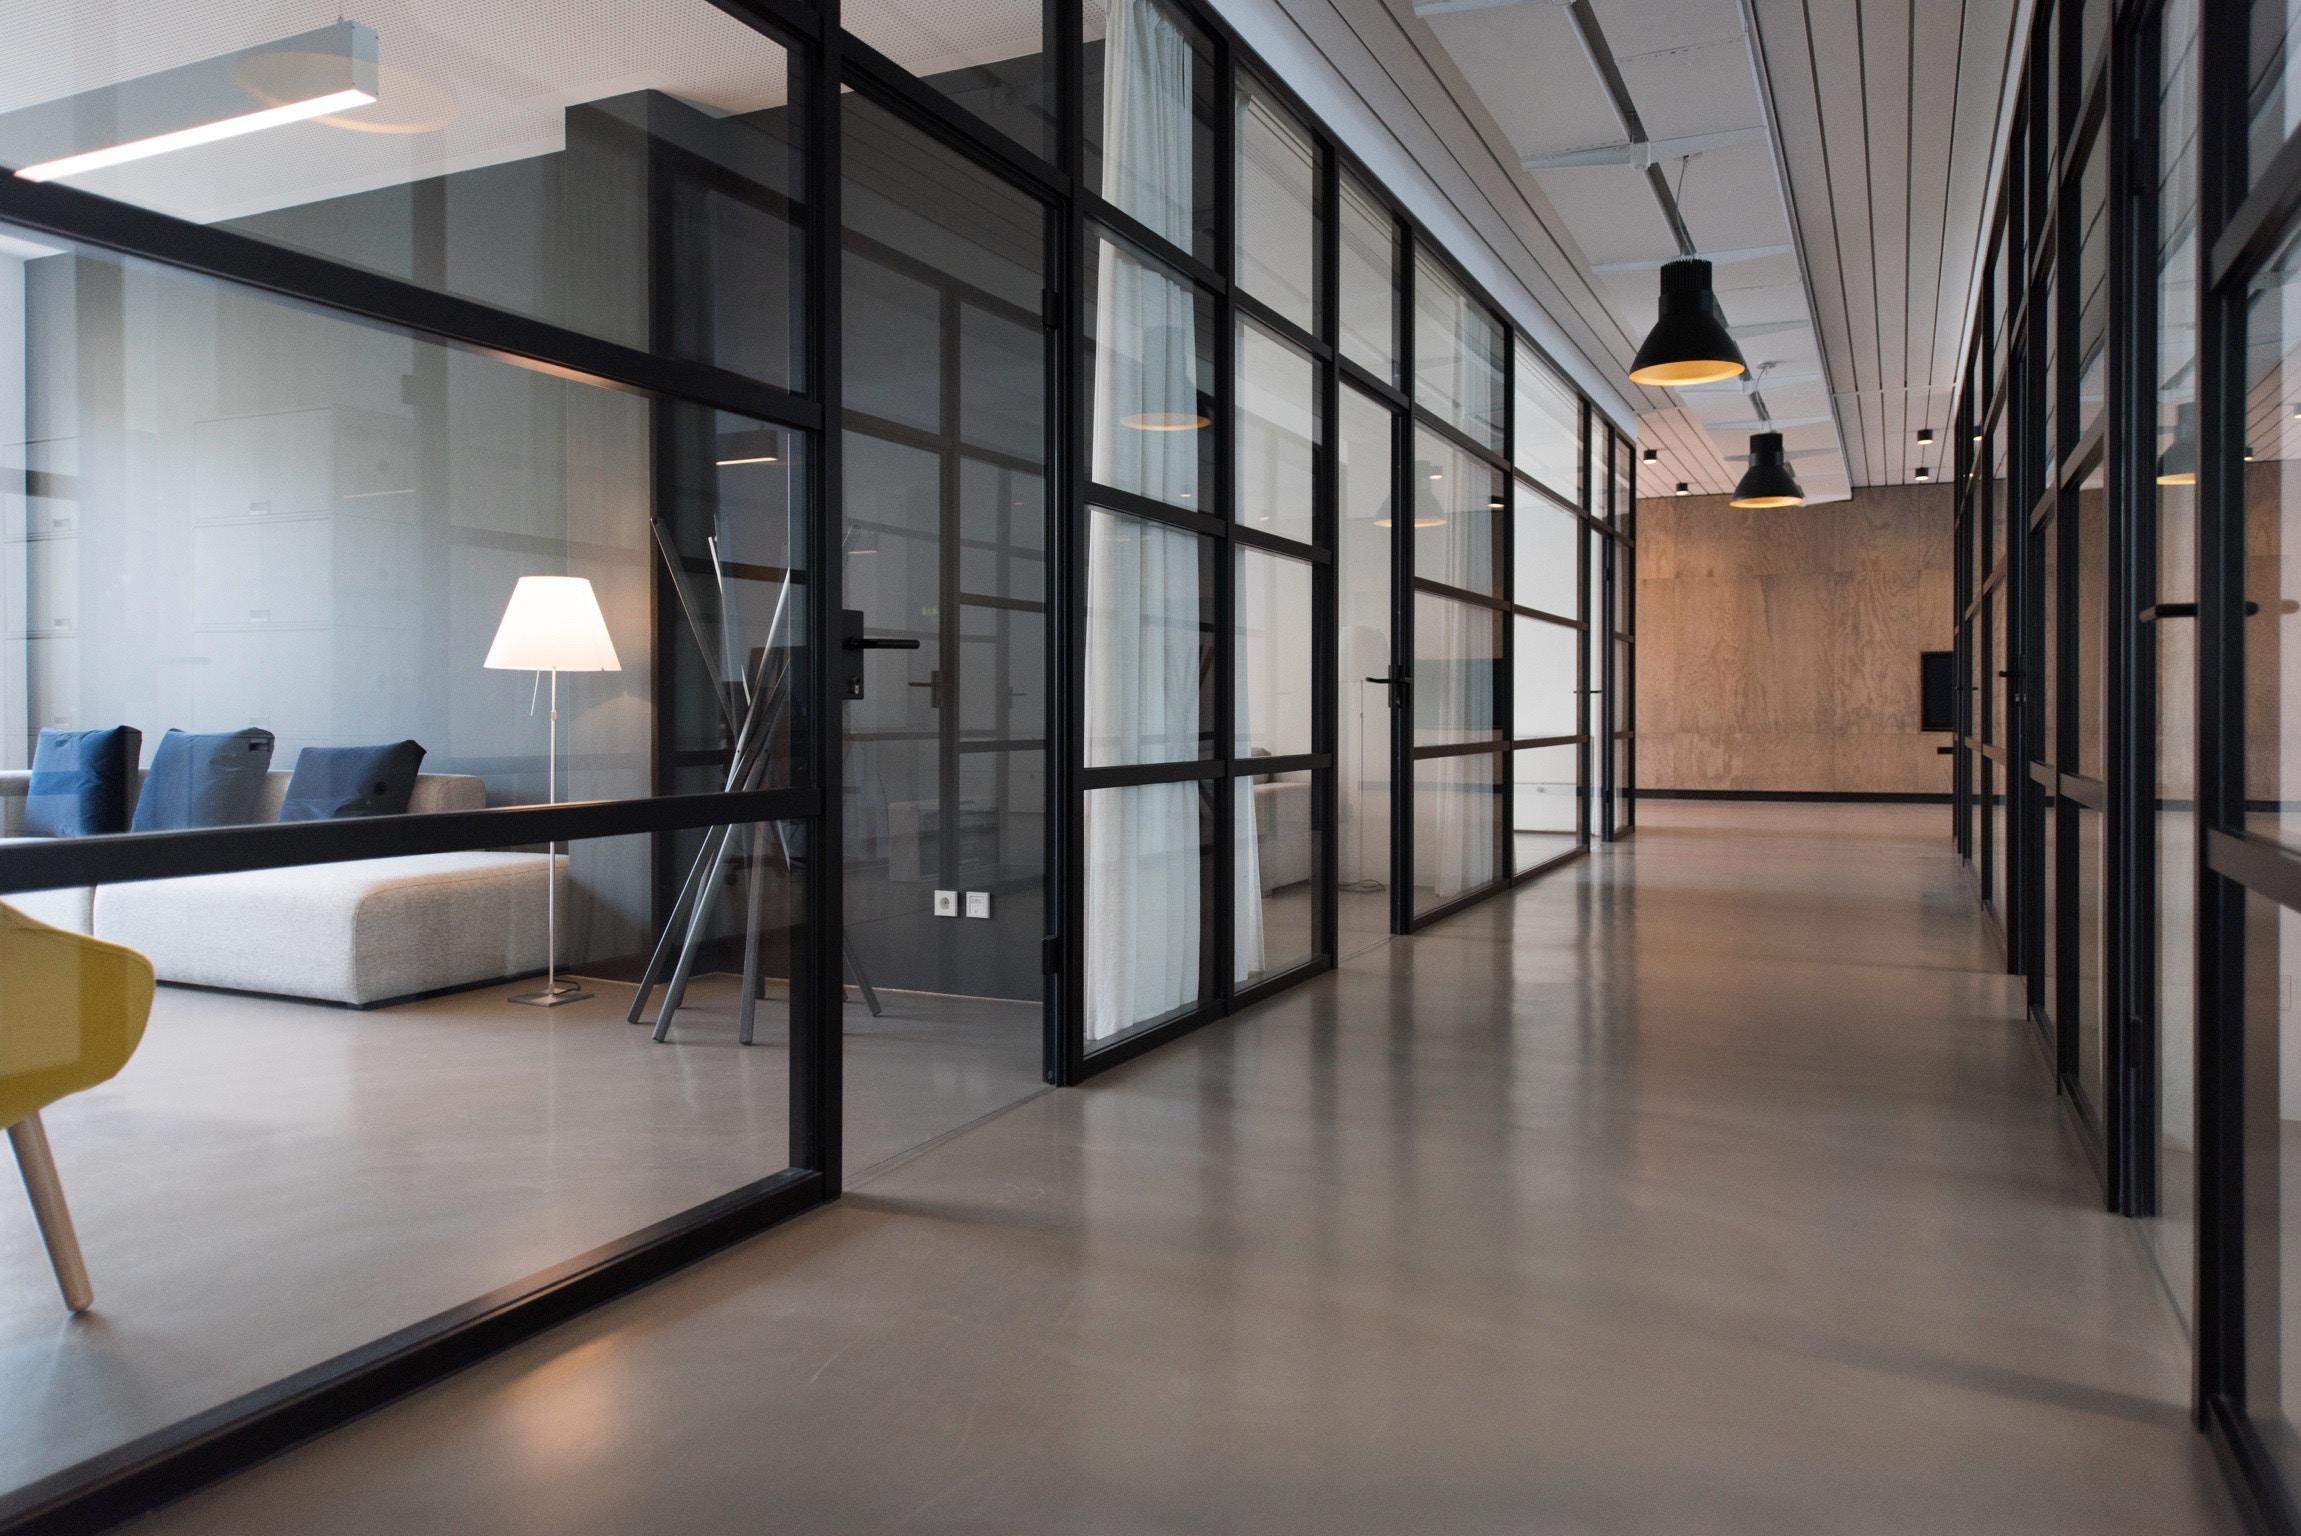 Bureaux d'entreprise bien éclairée avec grandes baies vitrées